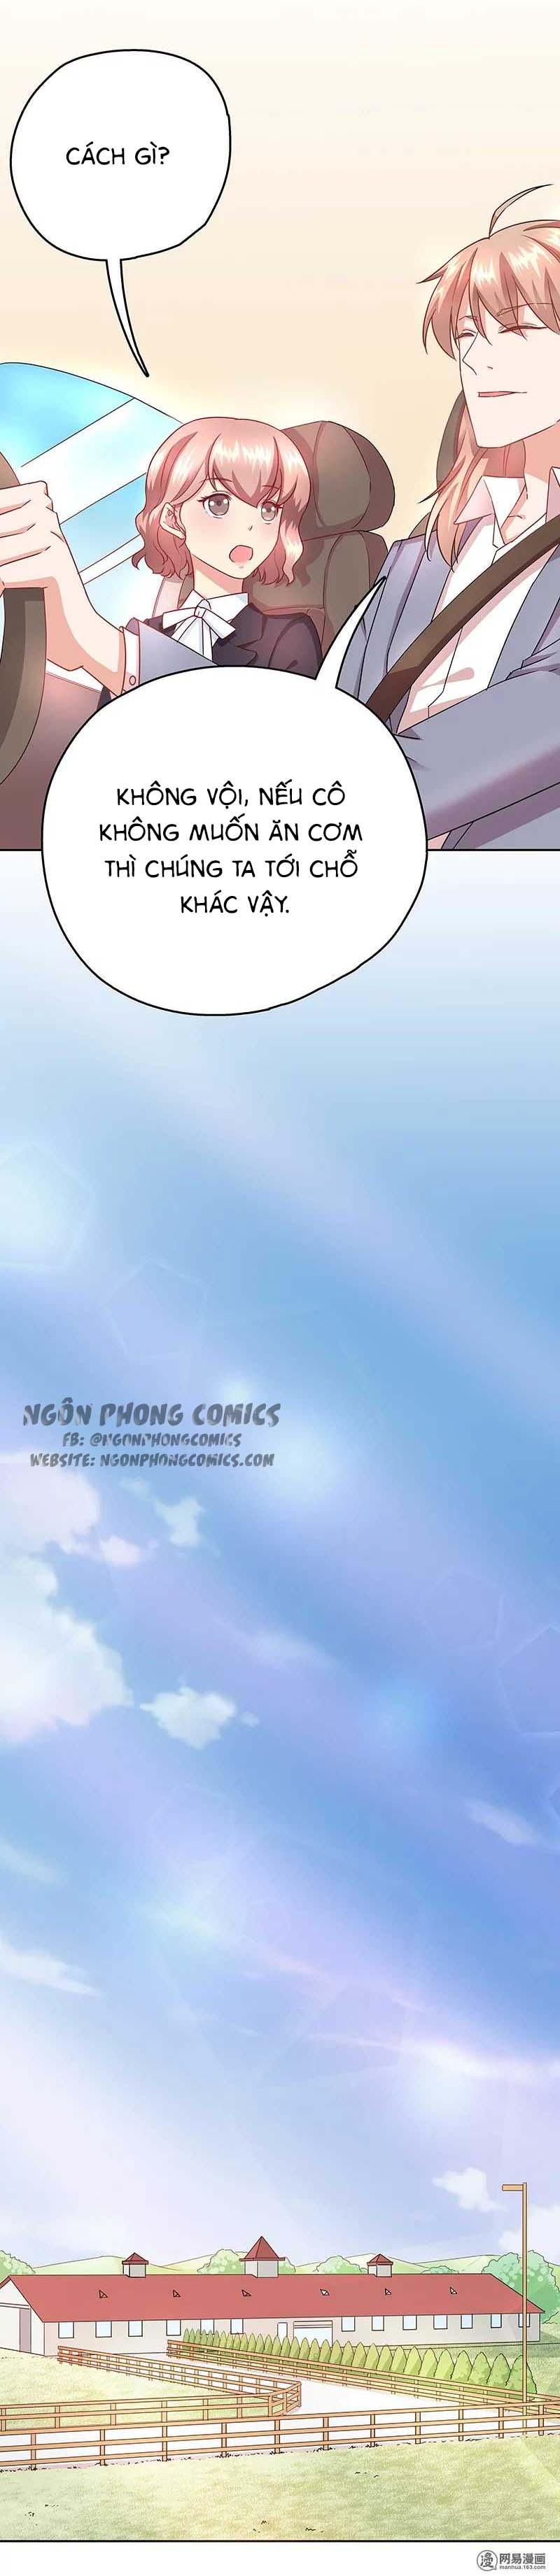 Không Được Đâu Tổng Tài Đại Nhân Chapter 38 - Truyenmoi.xyz